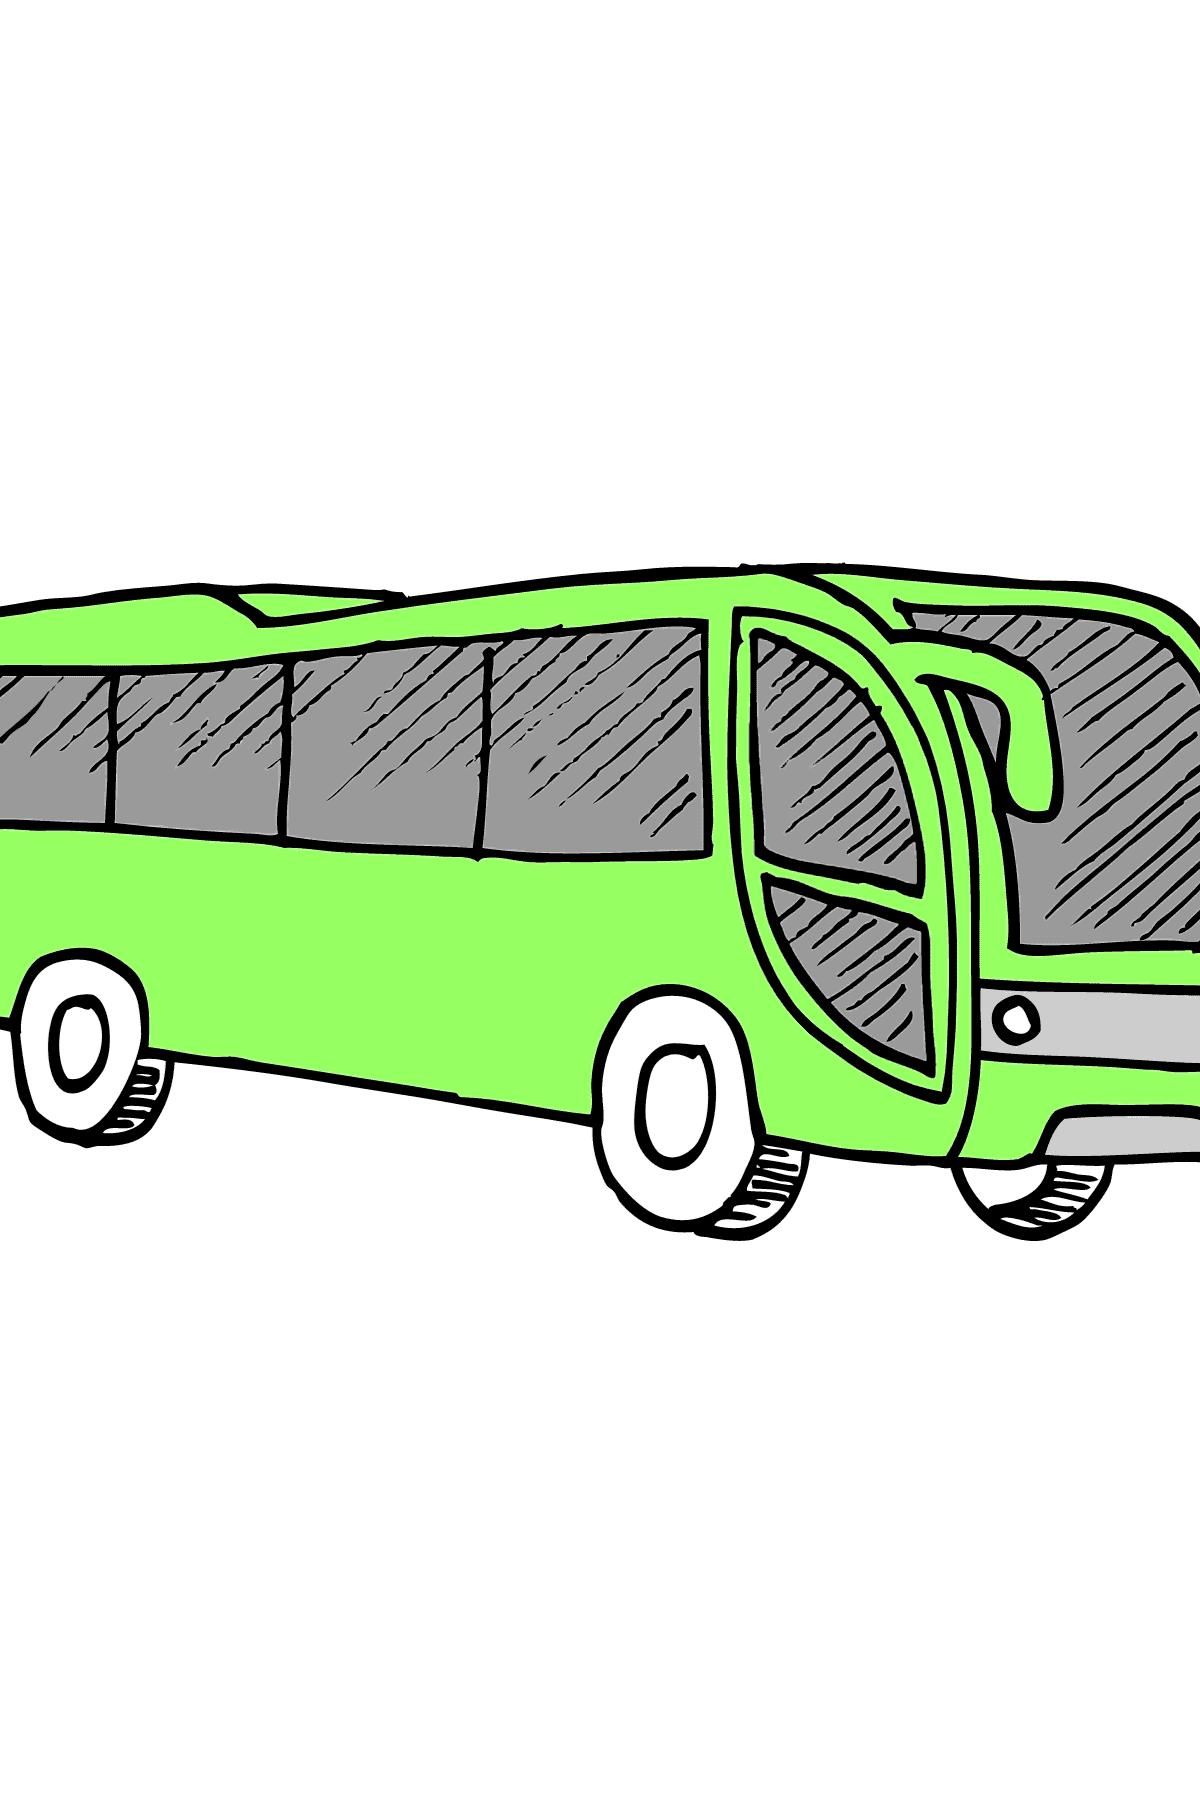 Desenhos para colorir com transporte da cidade